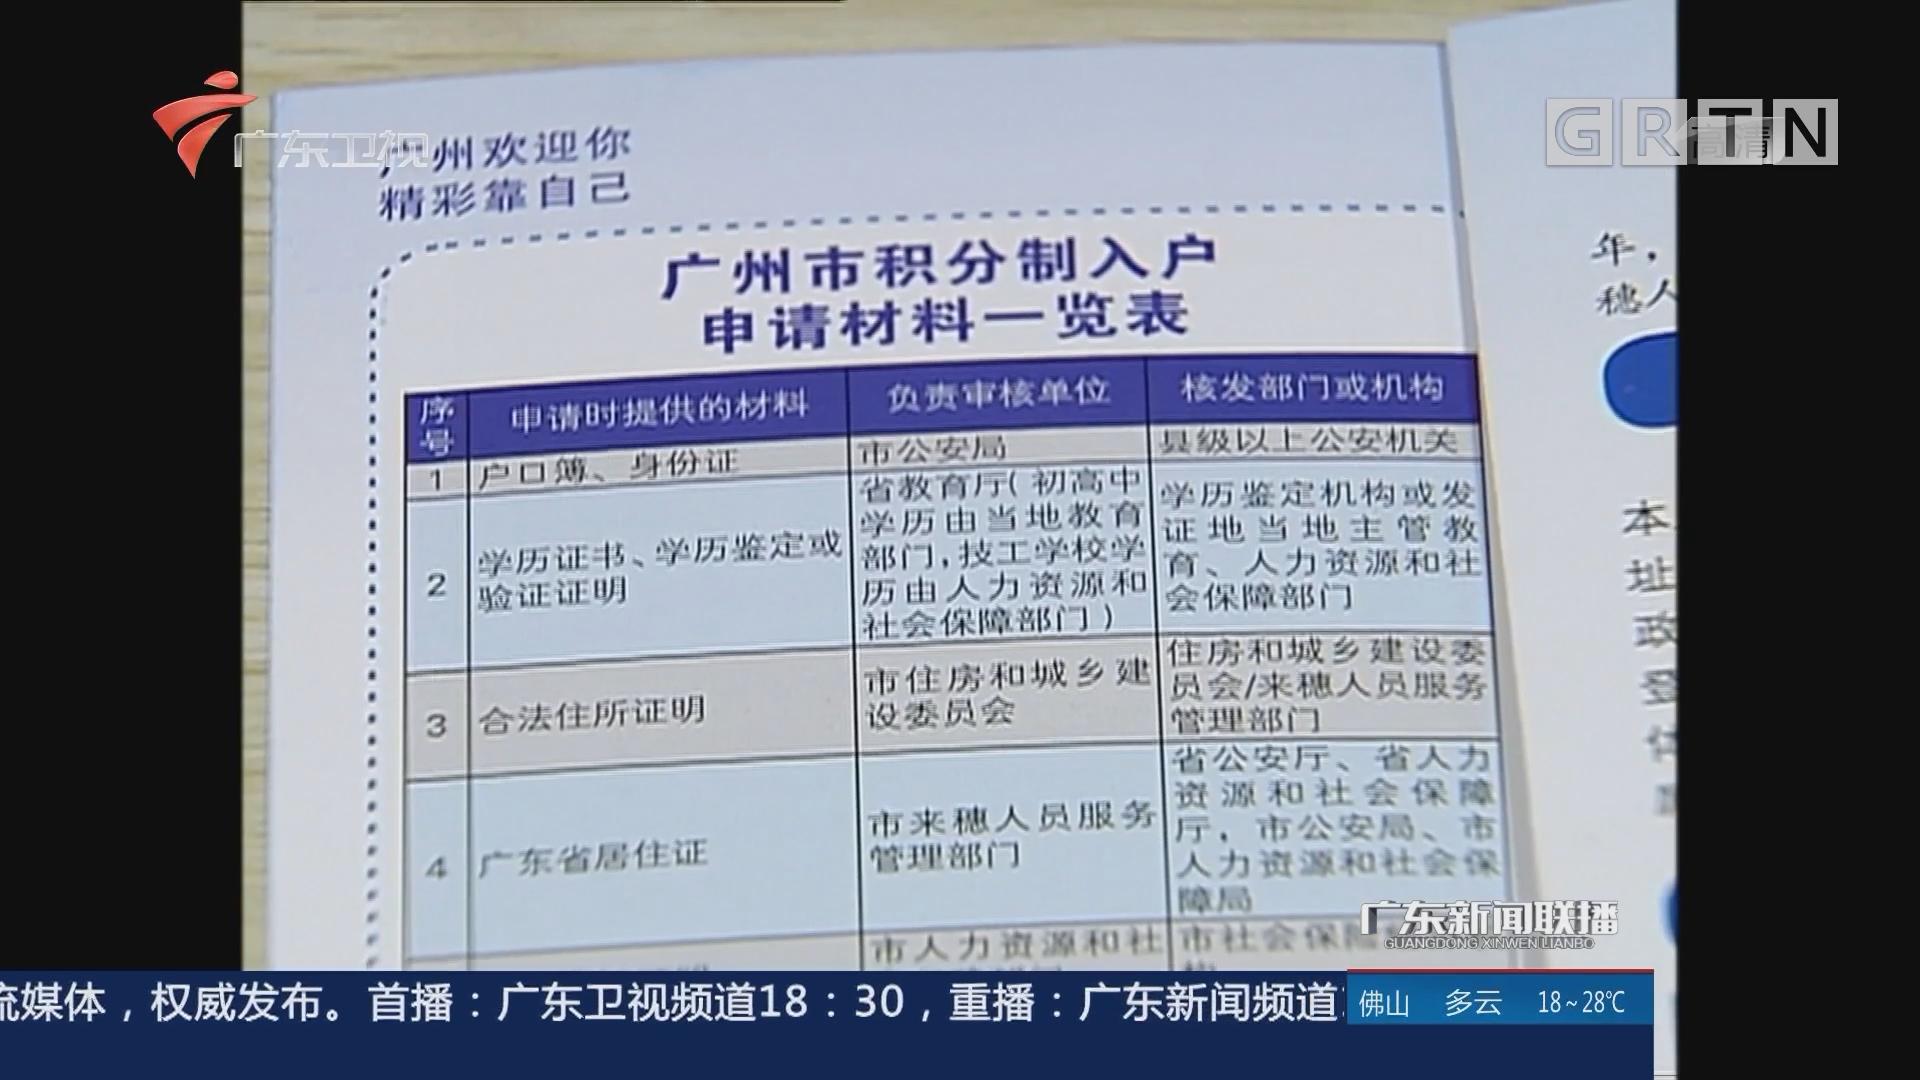 来穗人员入户入学申请公租房使用同一积分系统